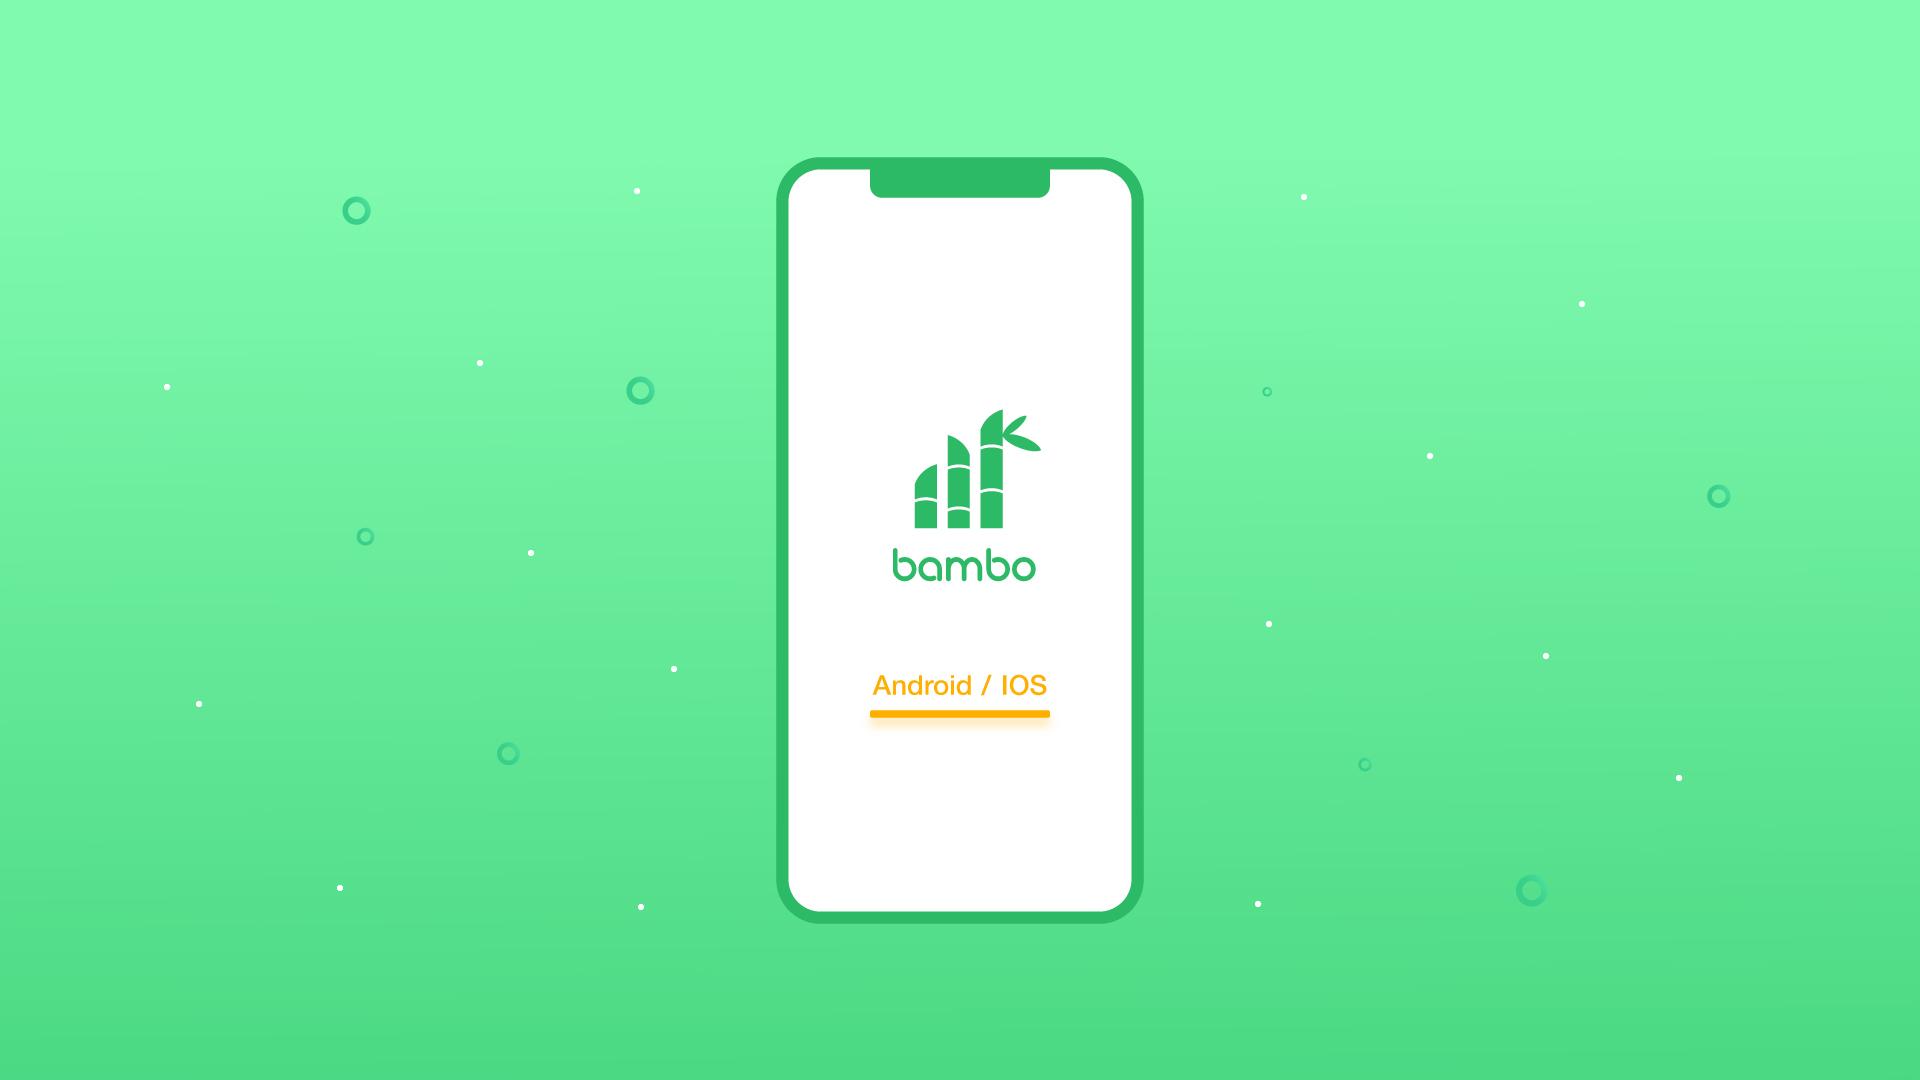 معرفی اپلیکیشن مشاوره مالی بامبو